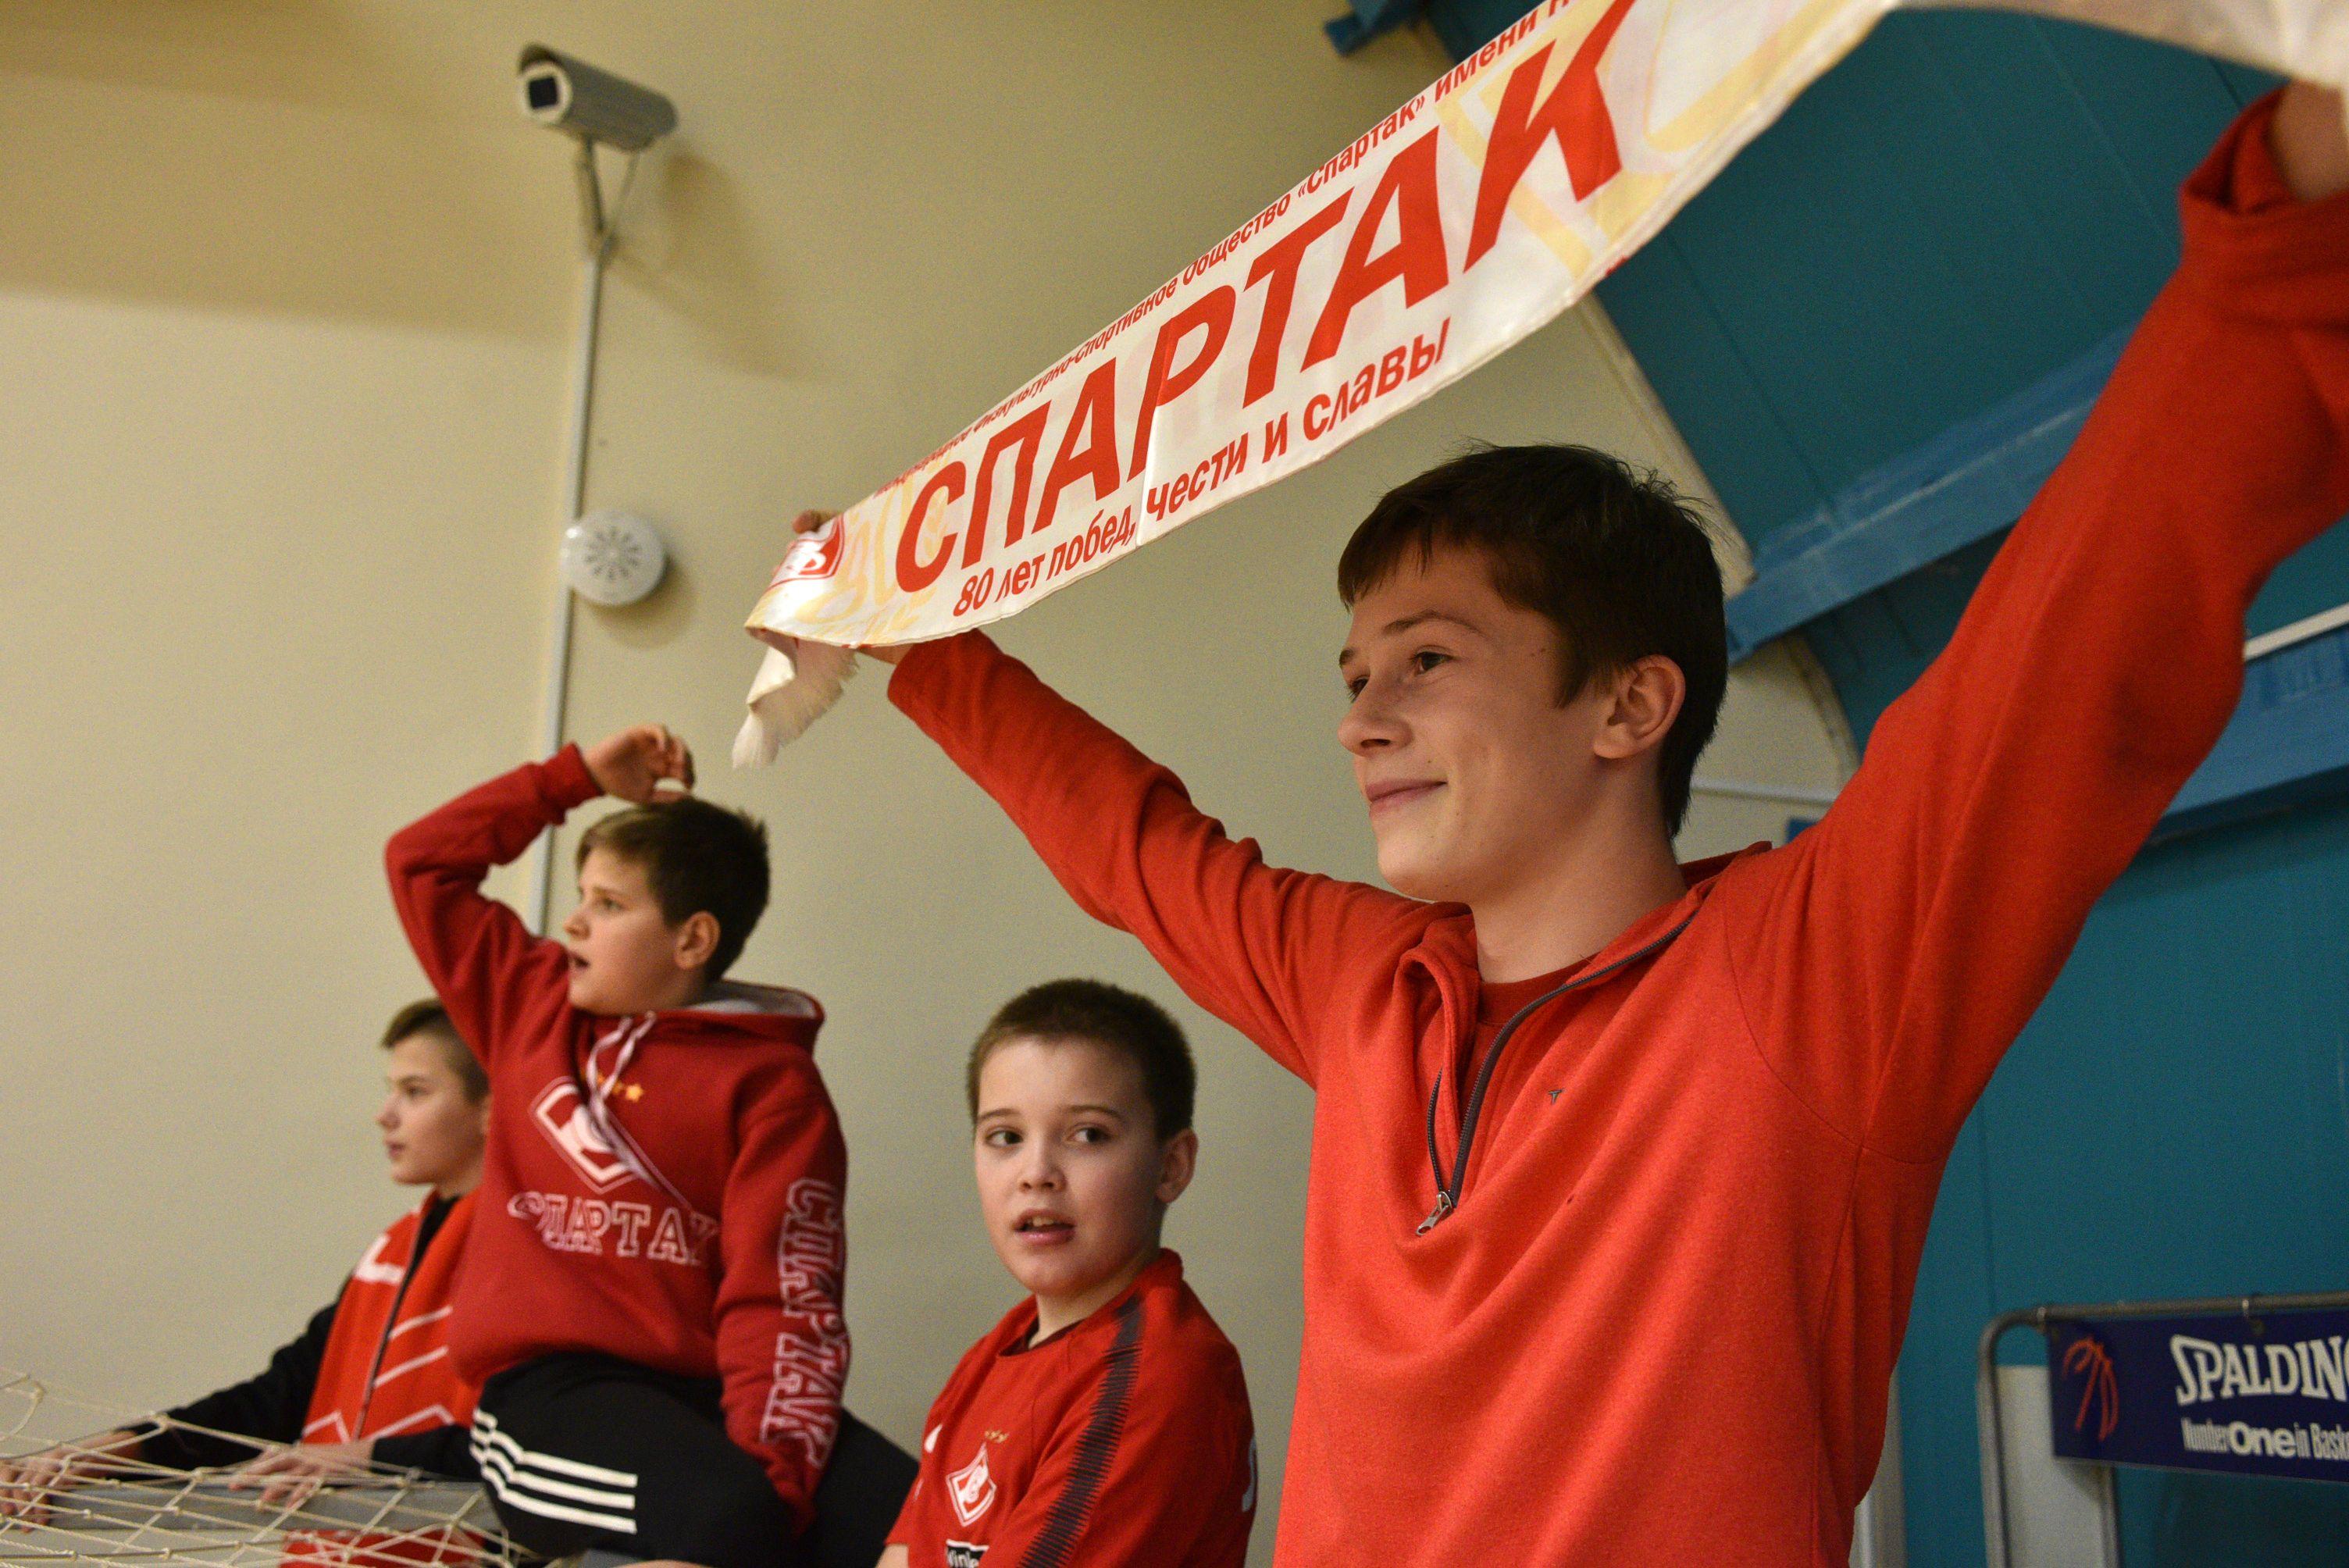 МФК «Спартак» стал обладателем Кубка Москвы по мини-футболу